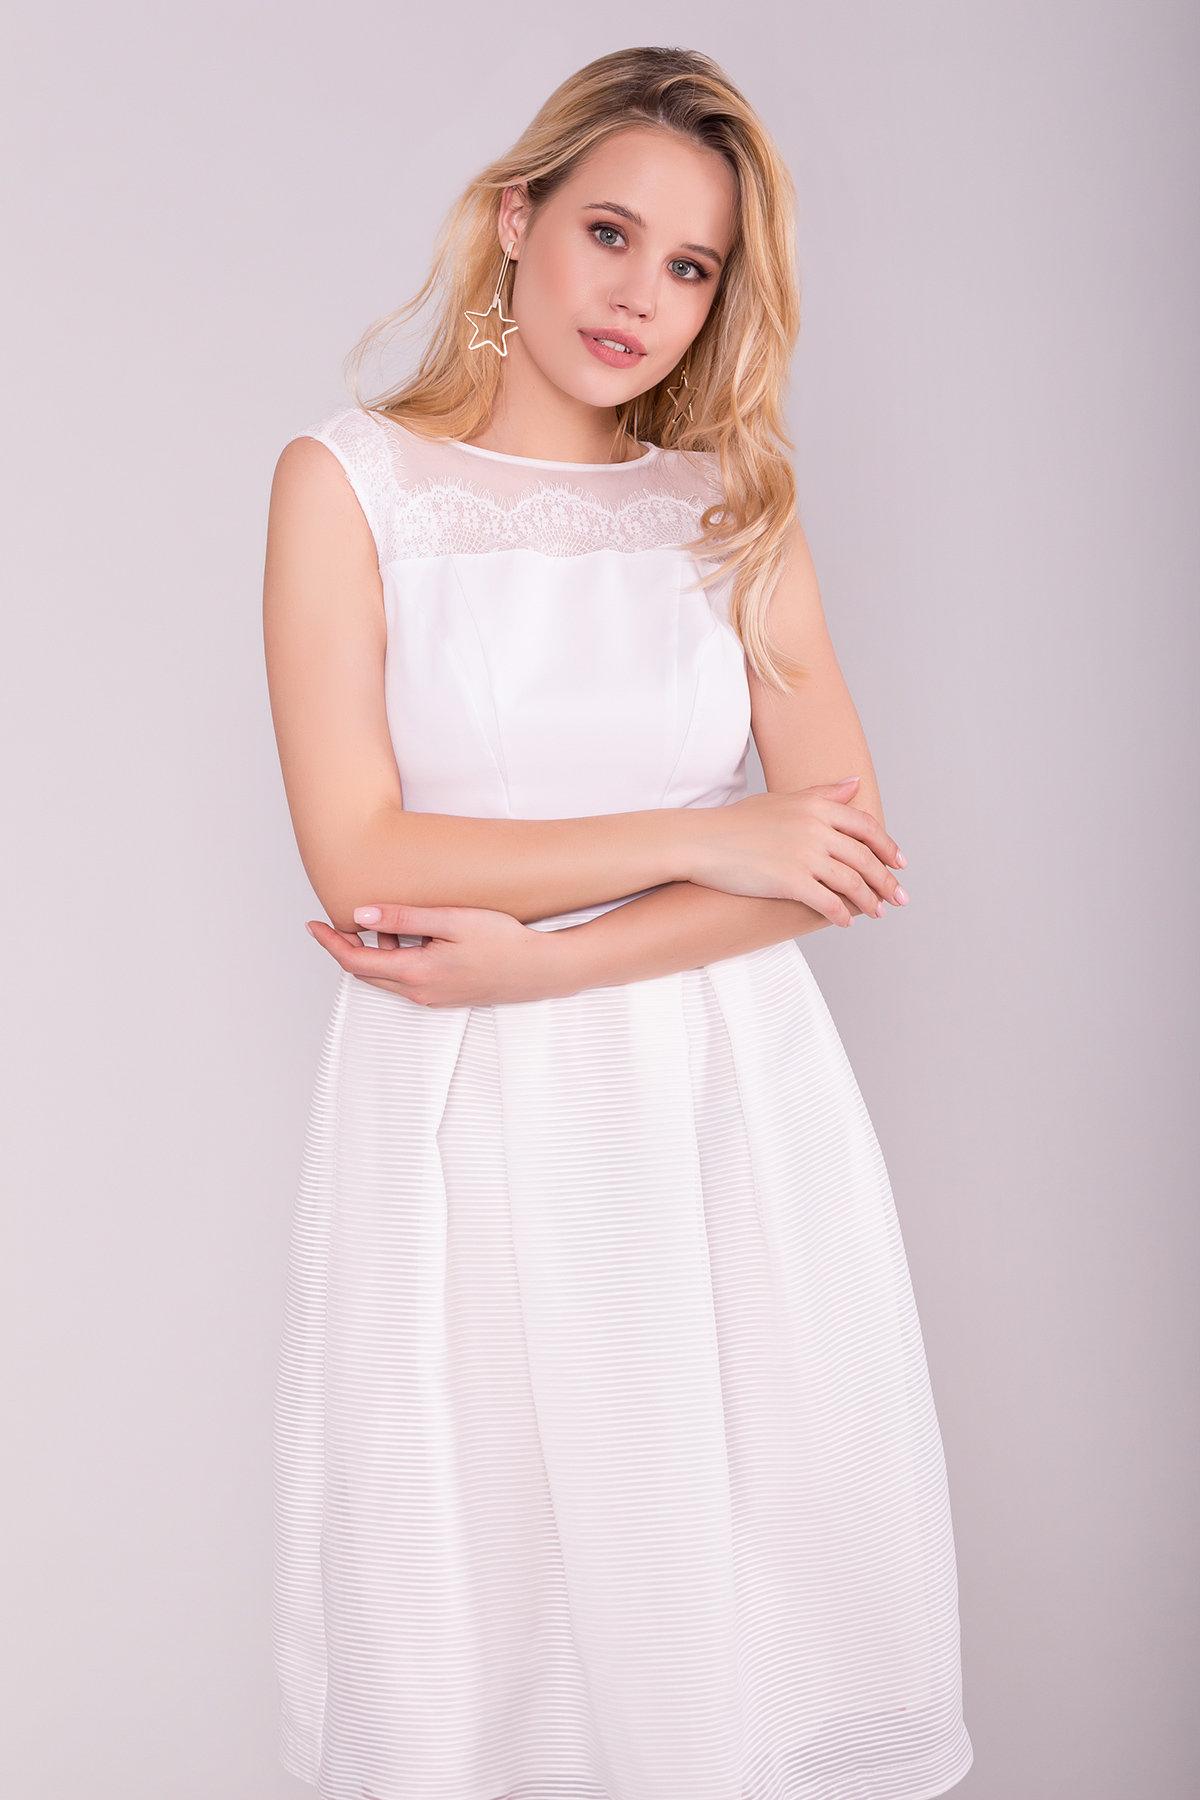 Платье Зарина 6989 АРТ. 43099 Цвет: Белый - фото 3, интернет магазин tm-modus.ru